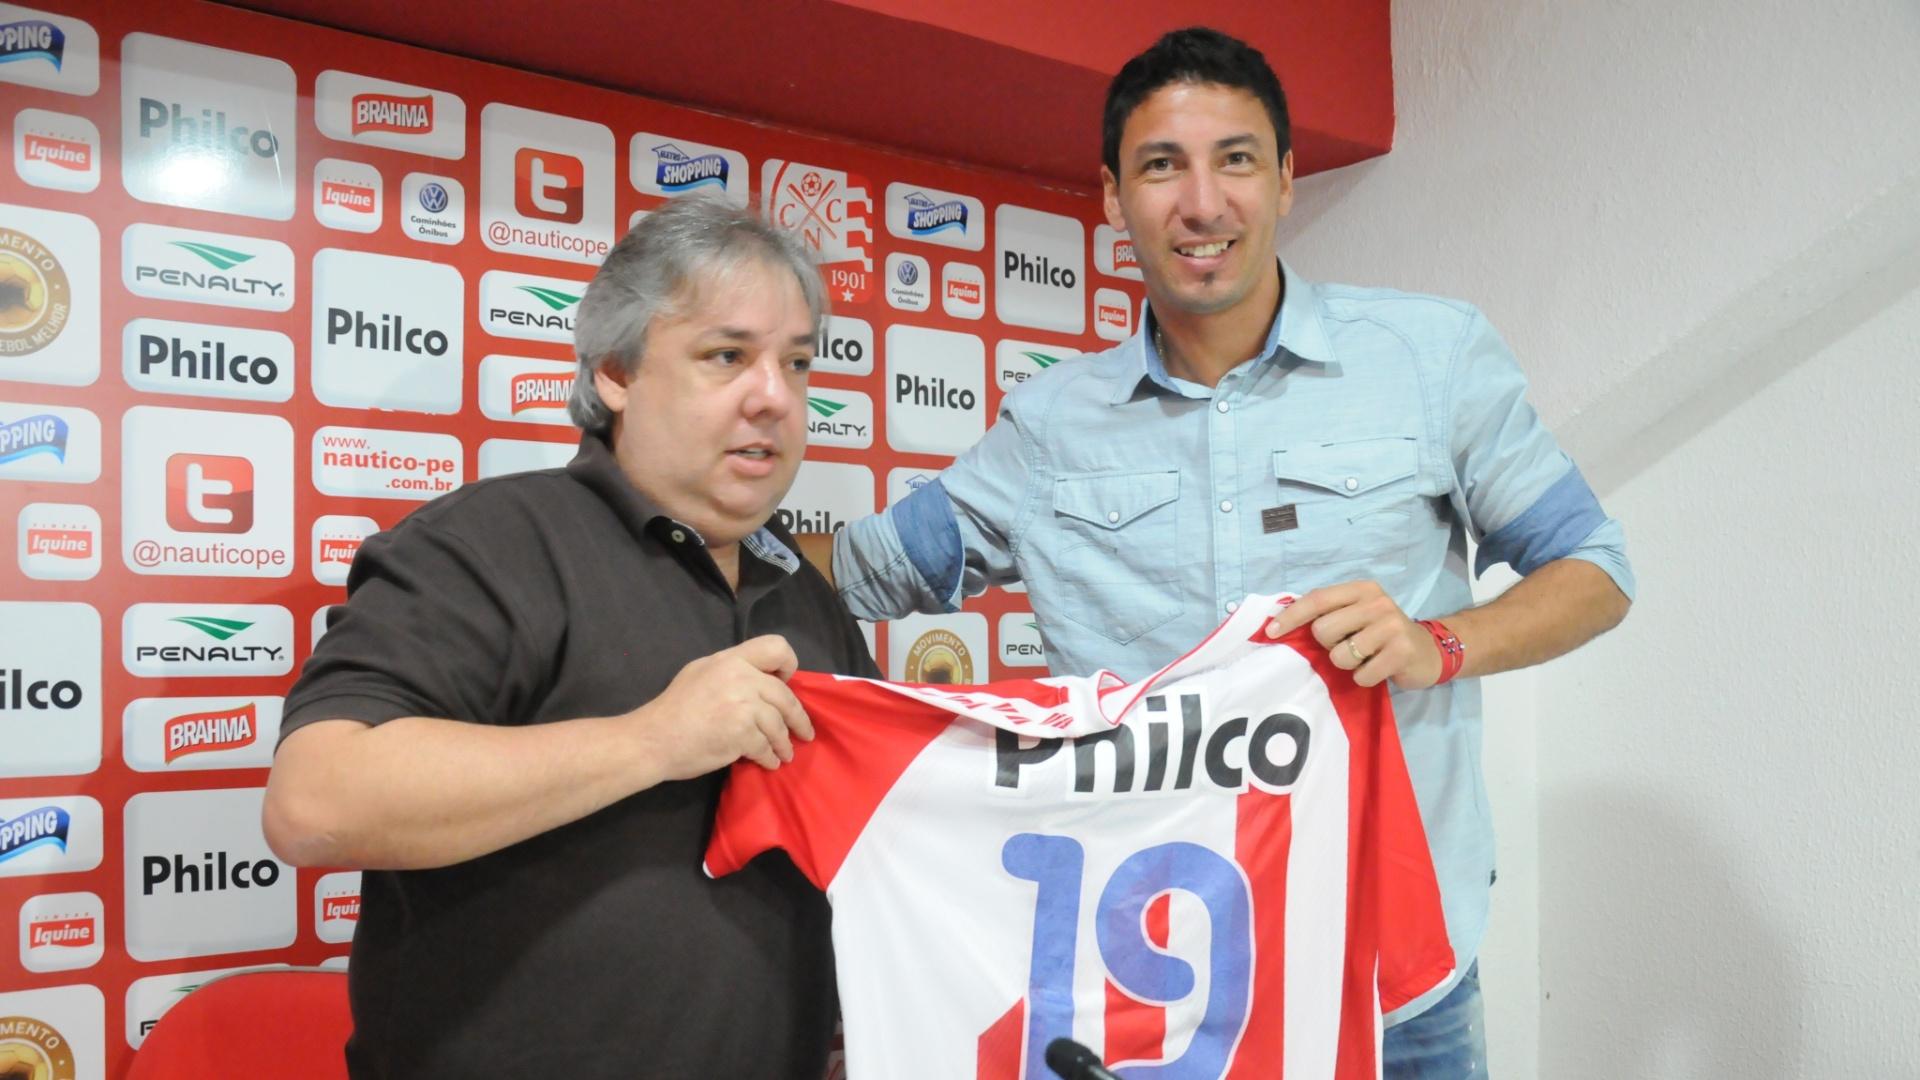 Juan Olivera posa com a camisa 19 do Náutico ao lado de um dirigente do clube